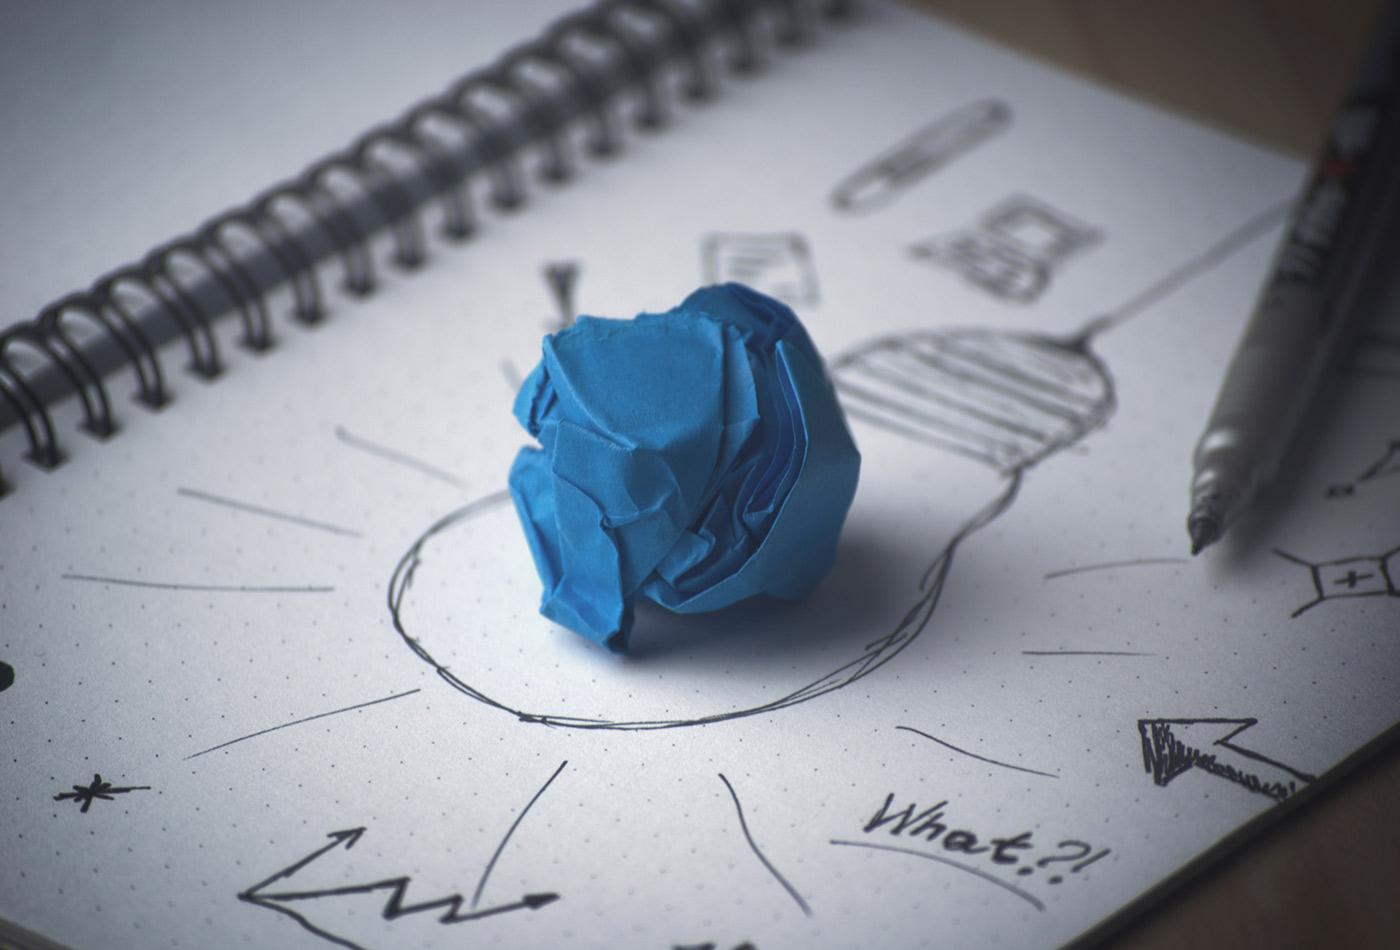 Idea sketch.